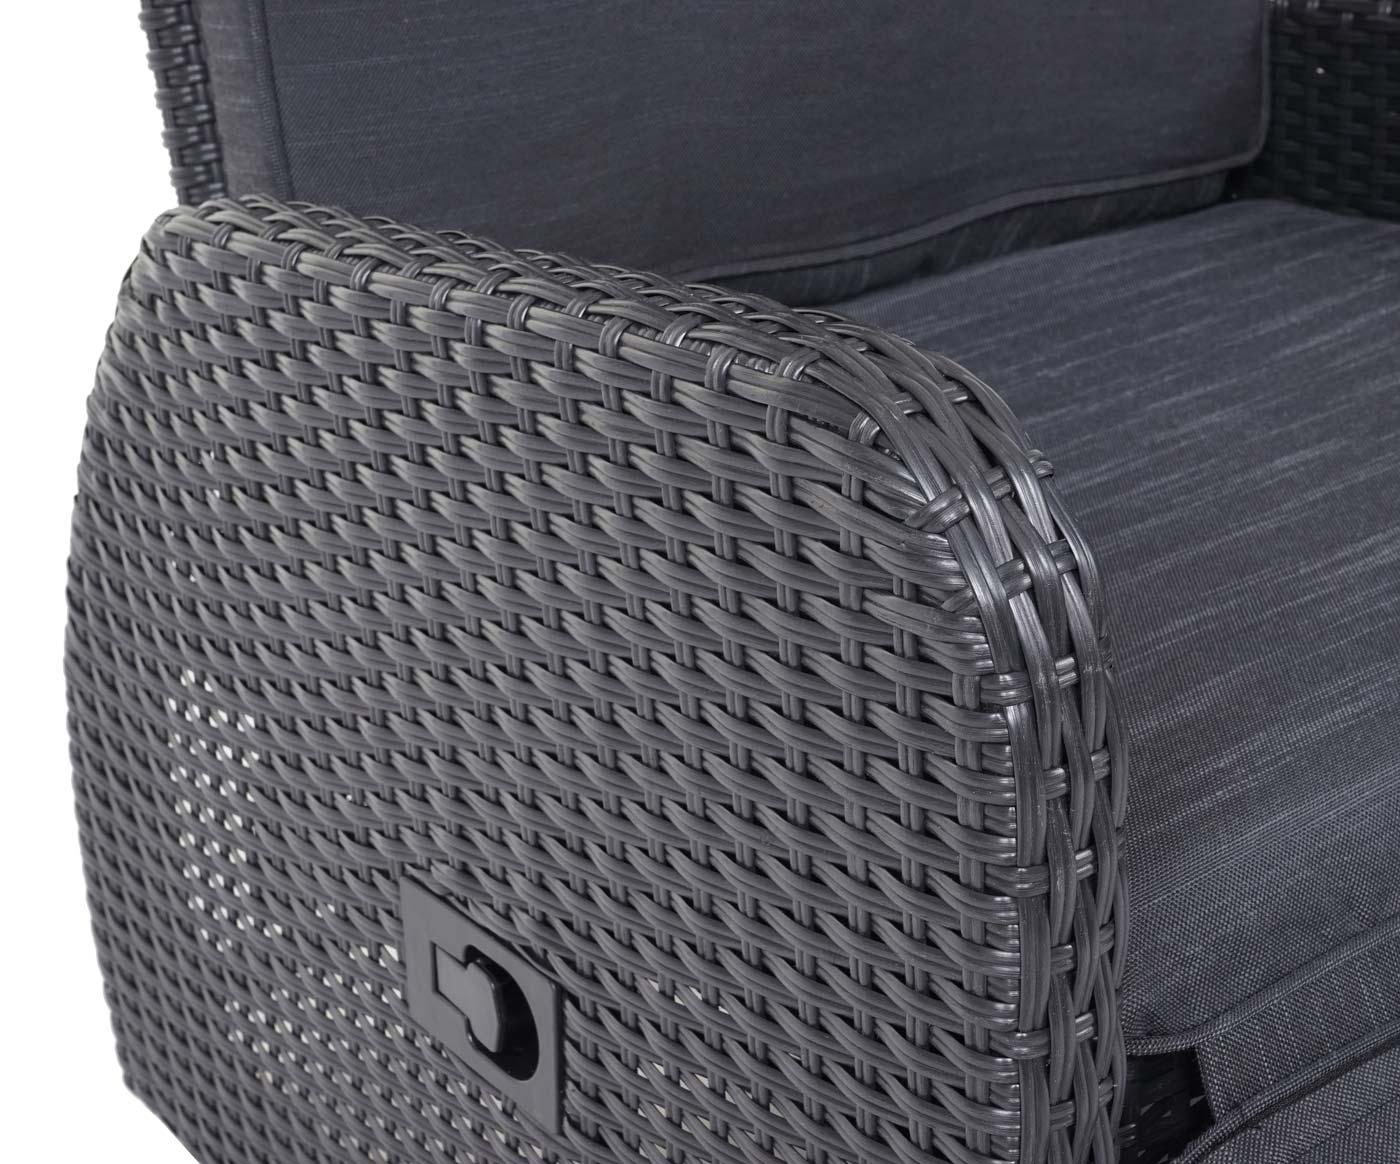 HWC-J35 Poly-Rattan Garnitur Detail Armlehne und Verstellhebel